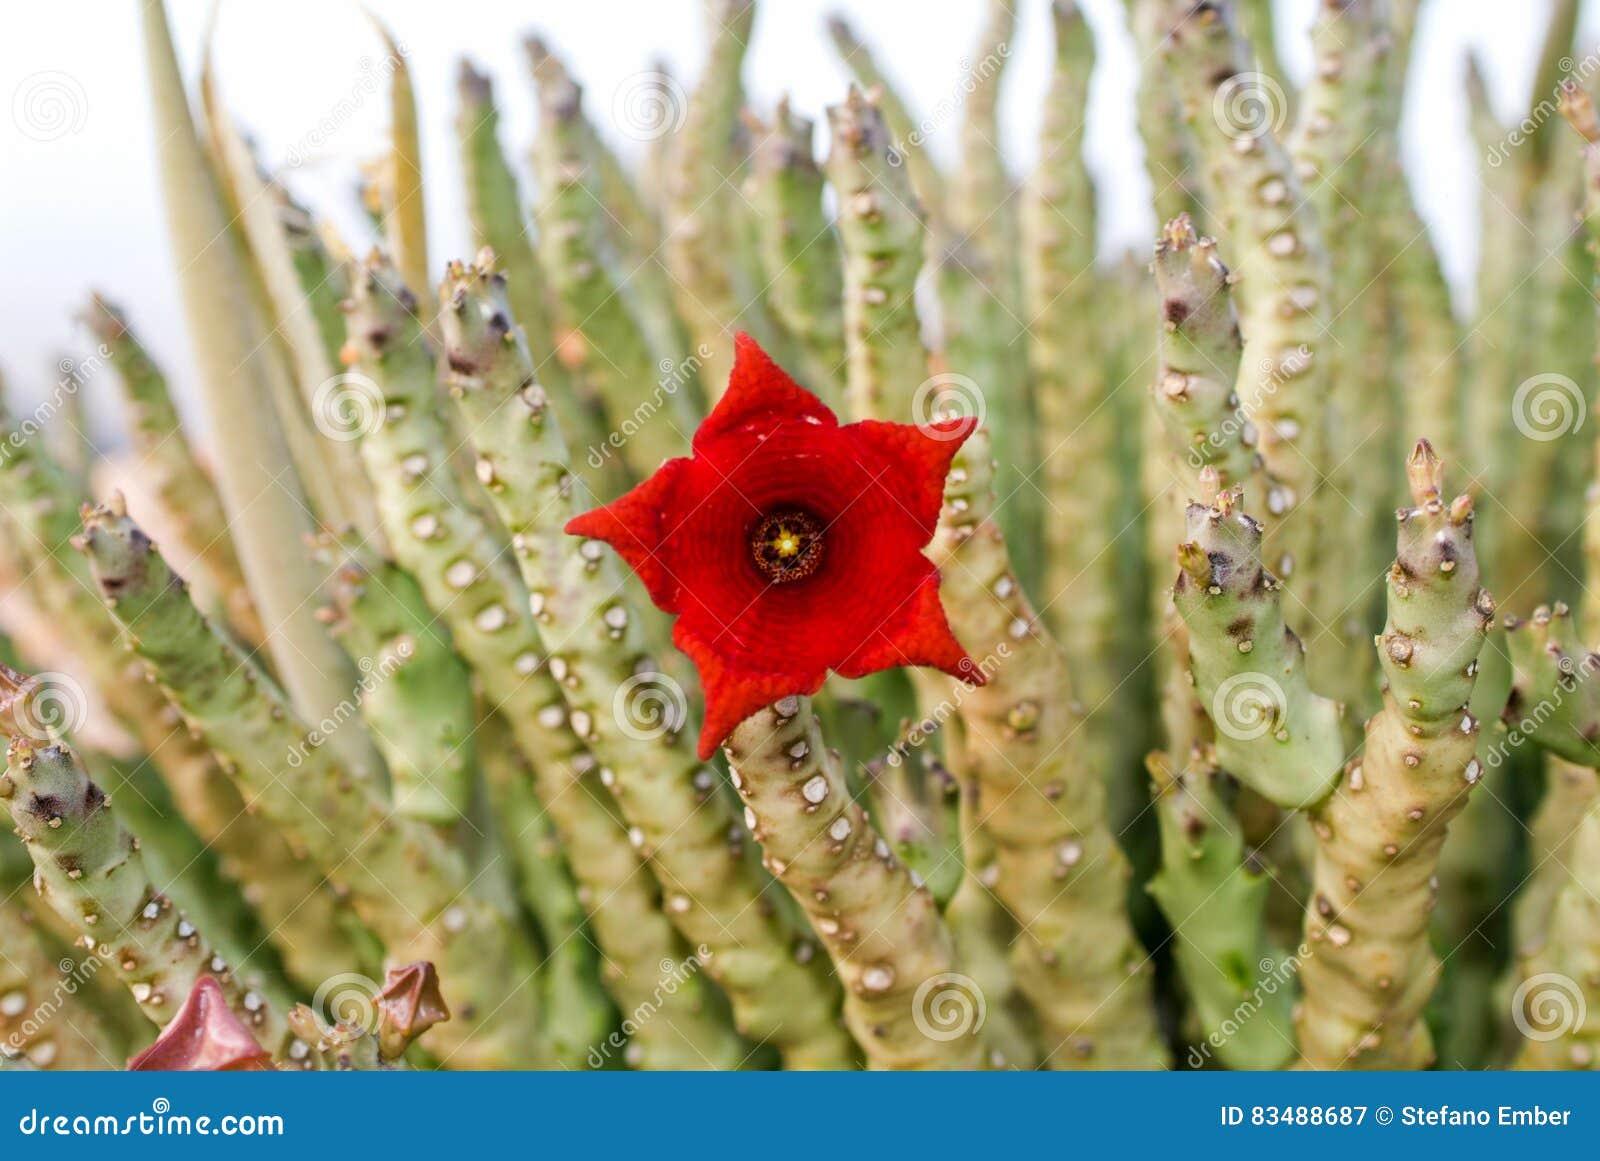 Socotran Caralluma kwiat kaktusowa roślina na Socotra wyspie